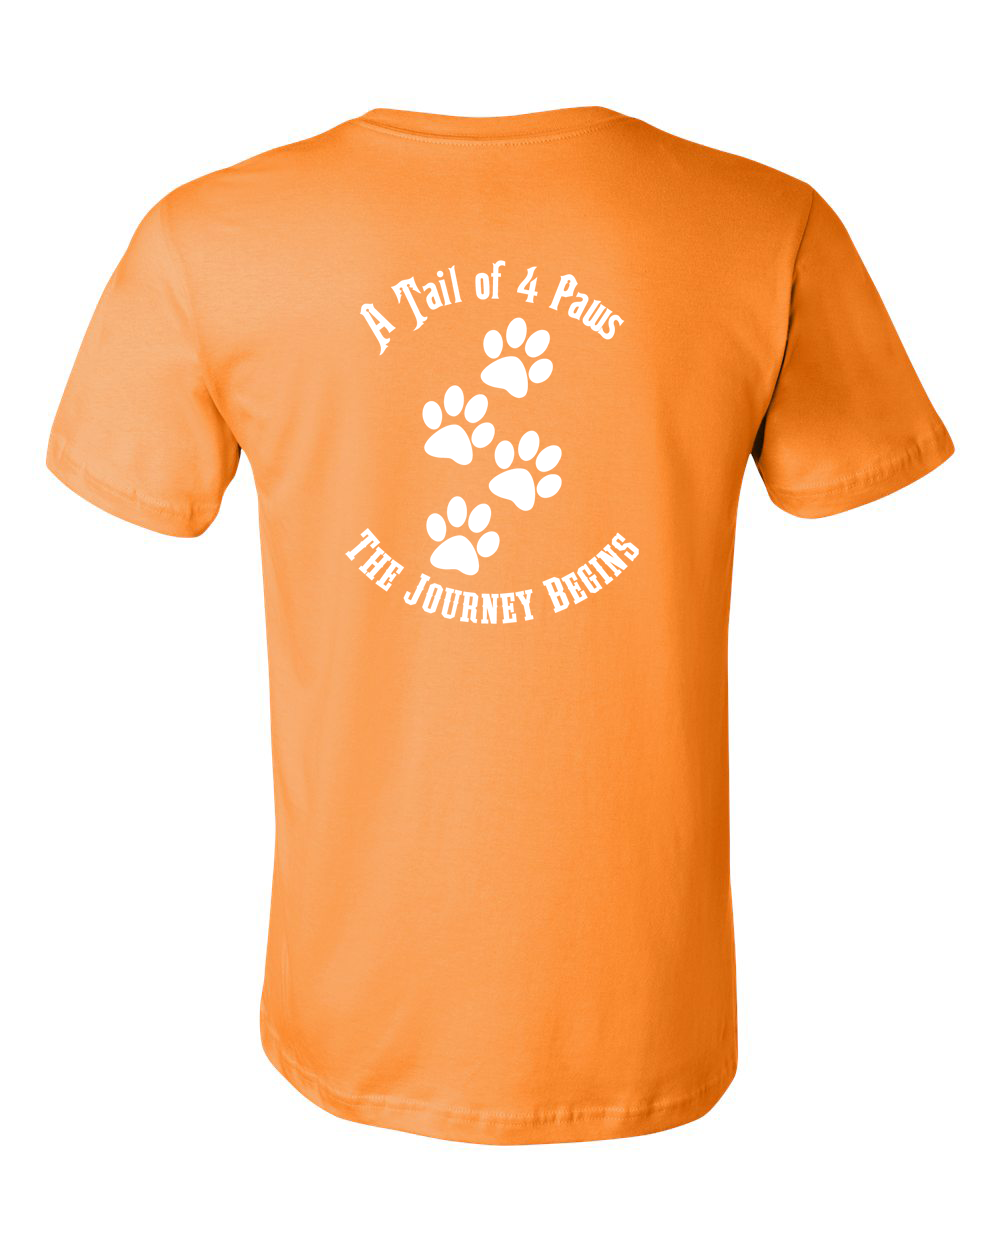 Back of Shirt Orange